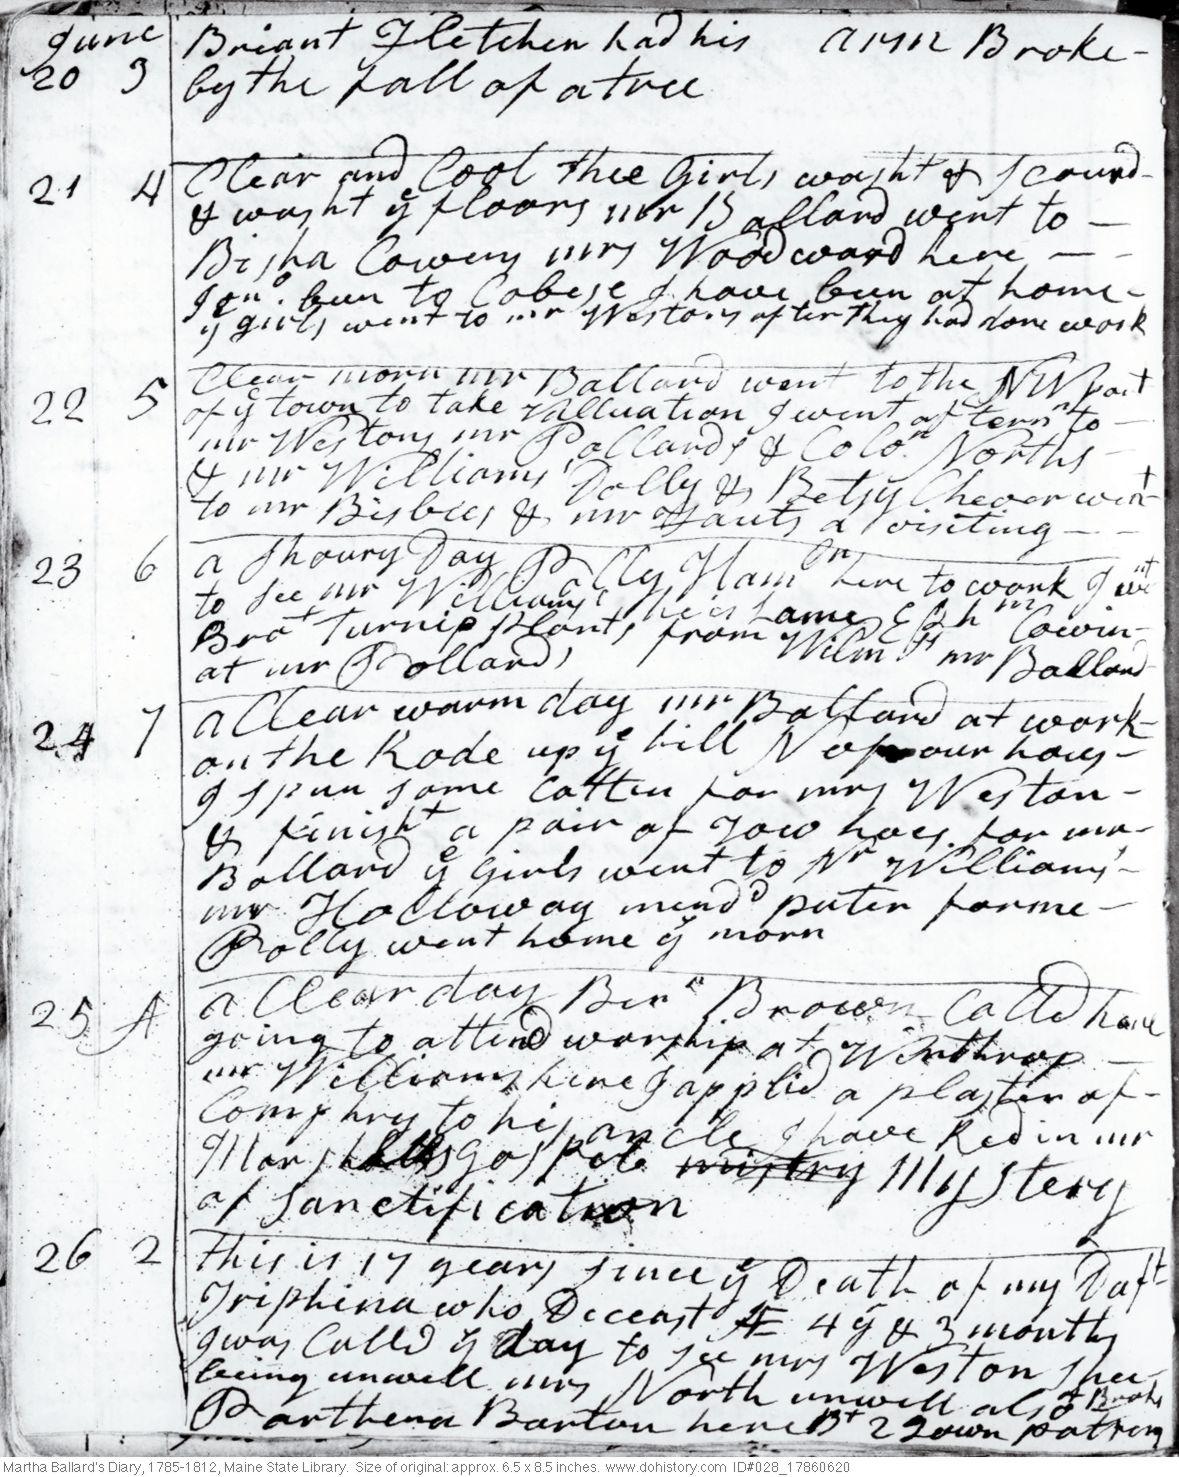 Martha Ballard's Diary, Jun. 20-26, 1786 (I)